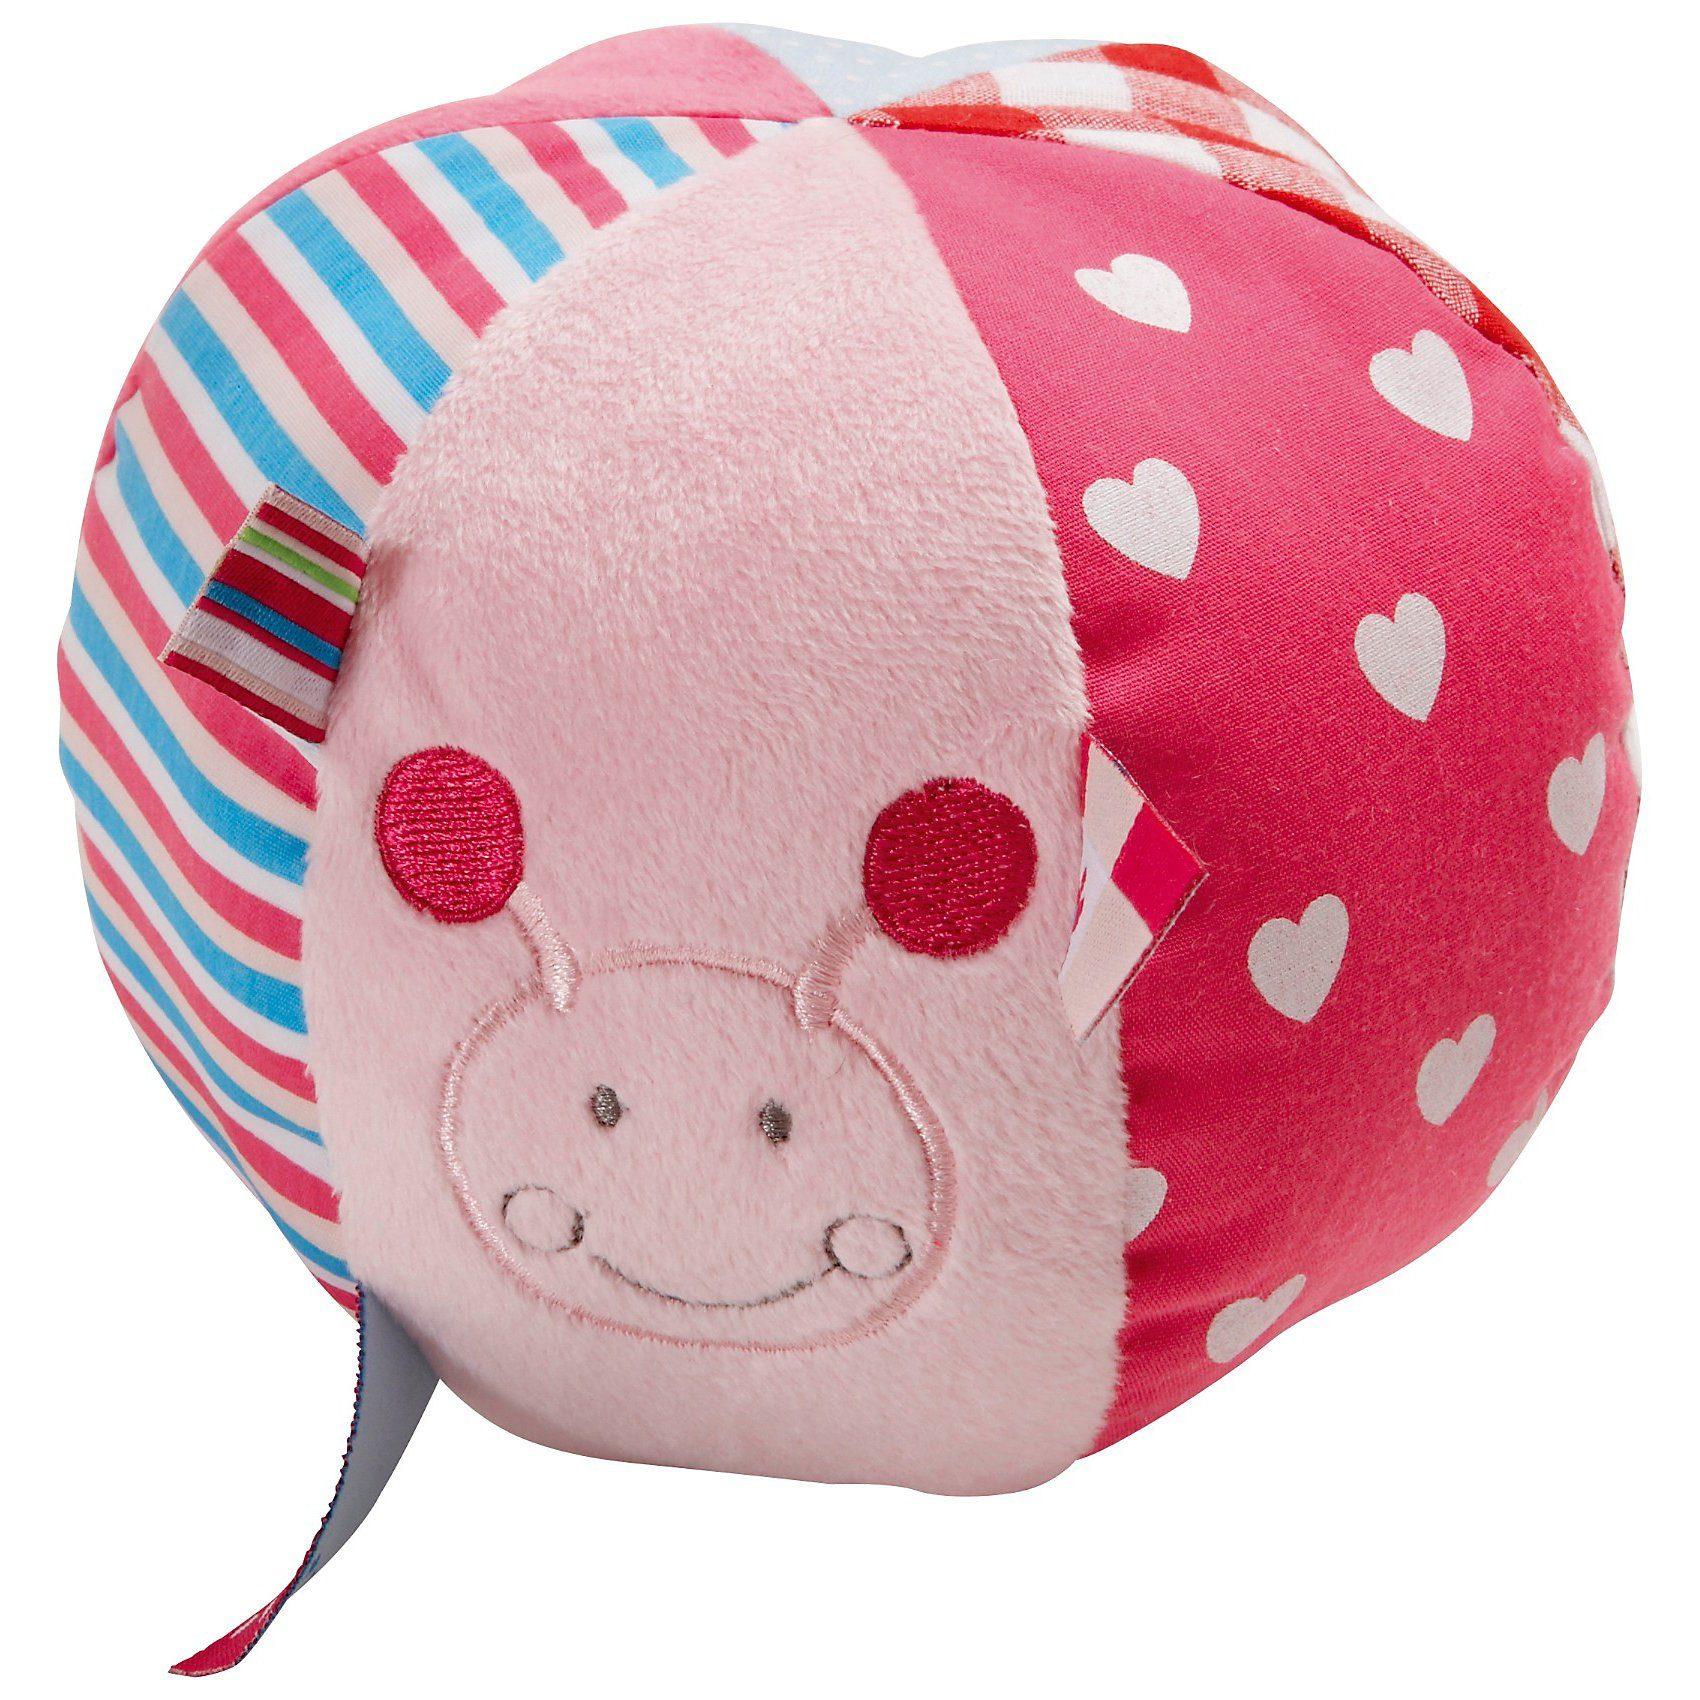 bébé-jou Rasselball ABC, rosa